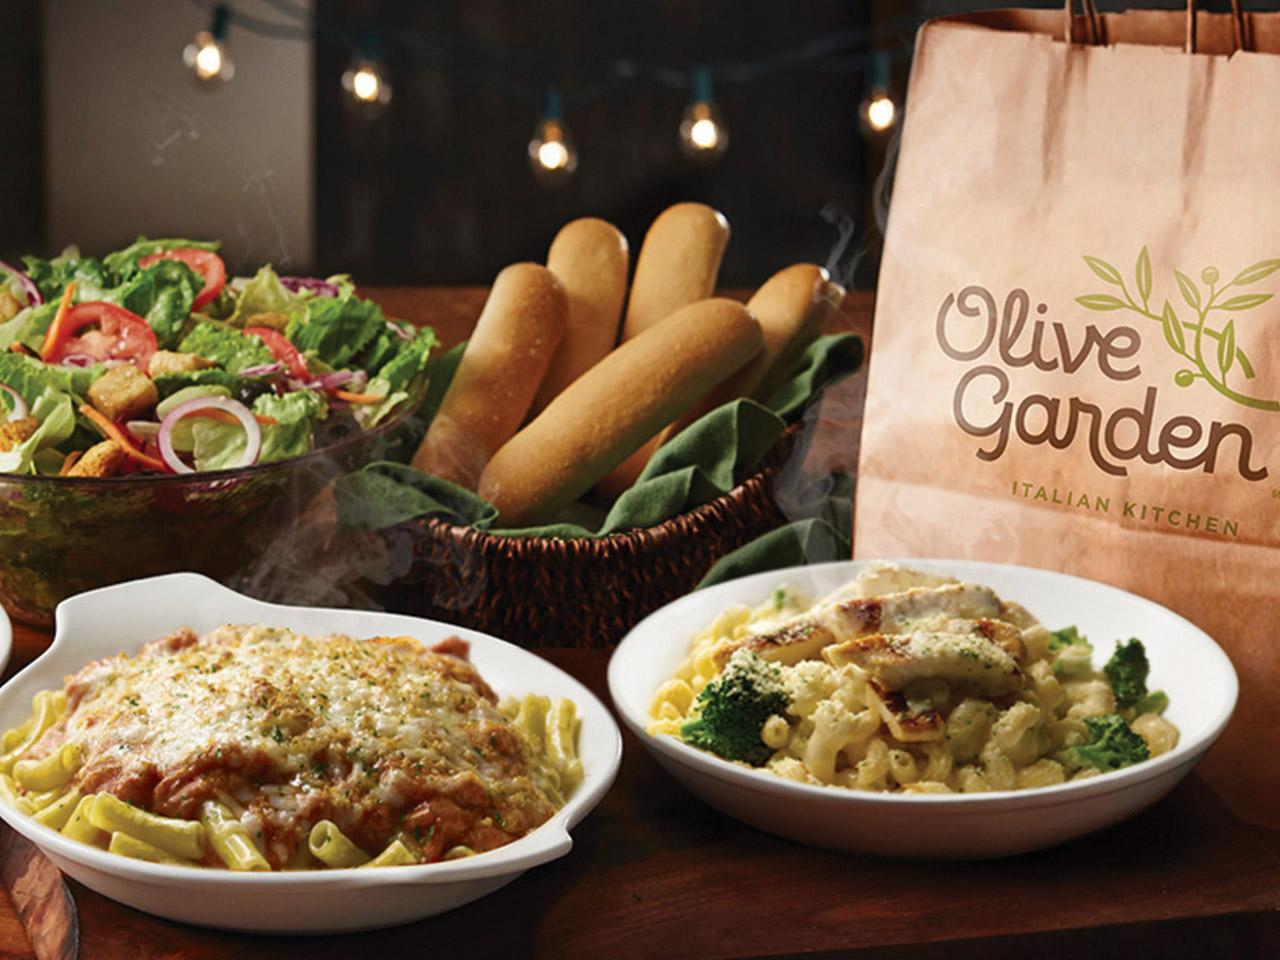 Olive garden durham nc